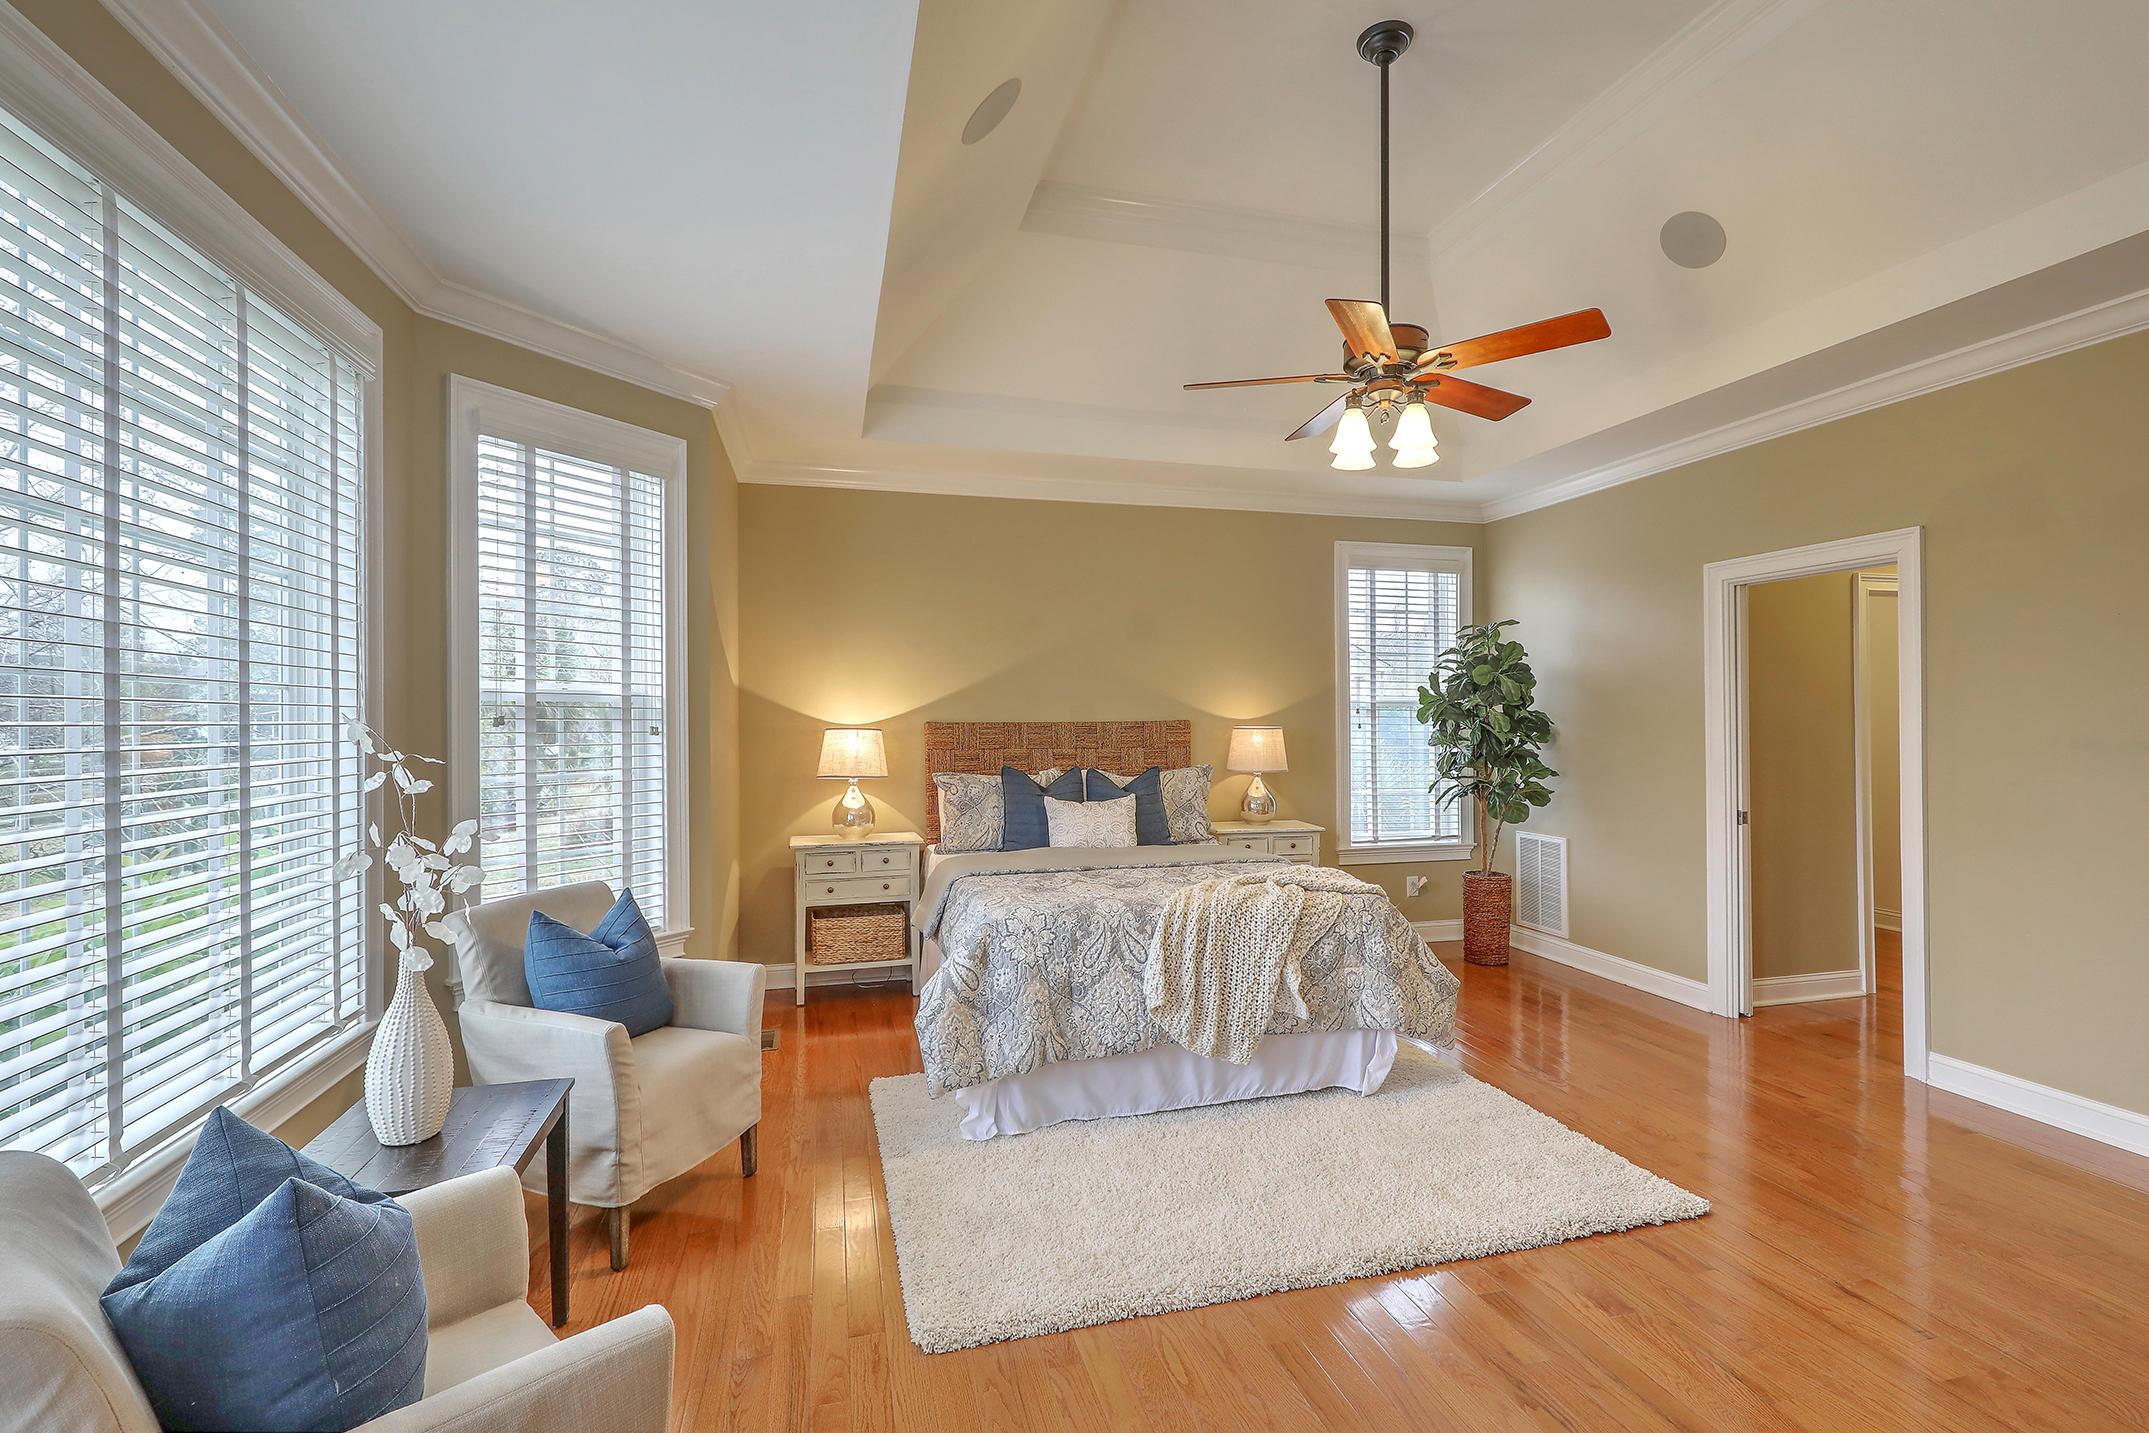 Dunes West Homes For Sale - 2817 Oak Manor, Mount Pleasant, SC - 31